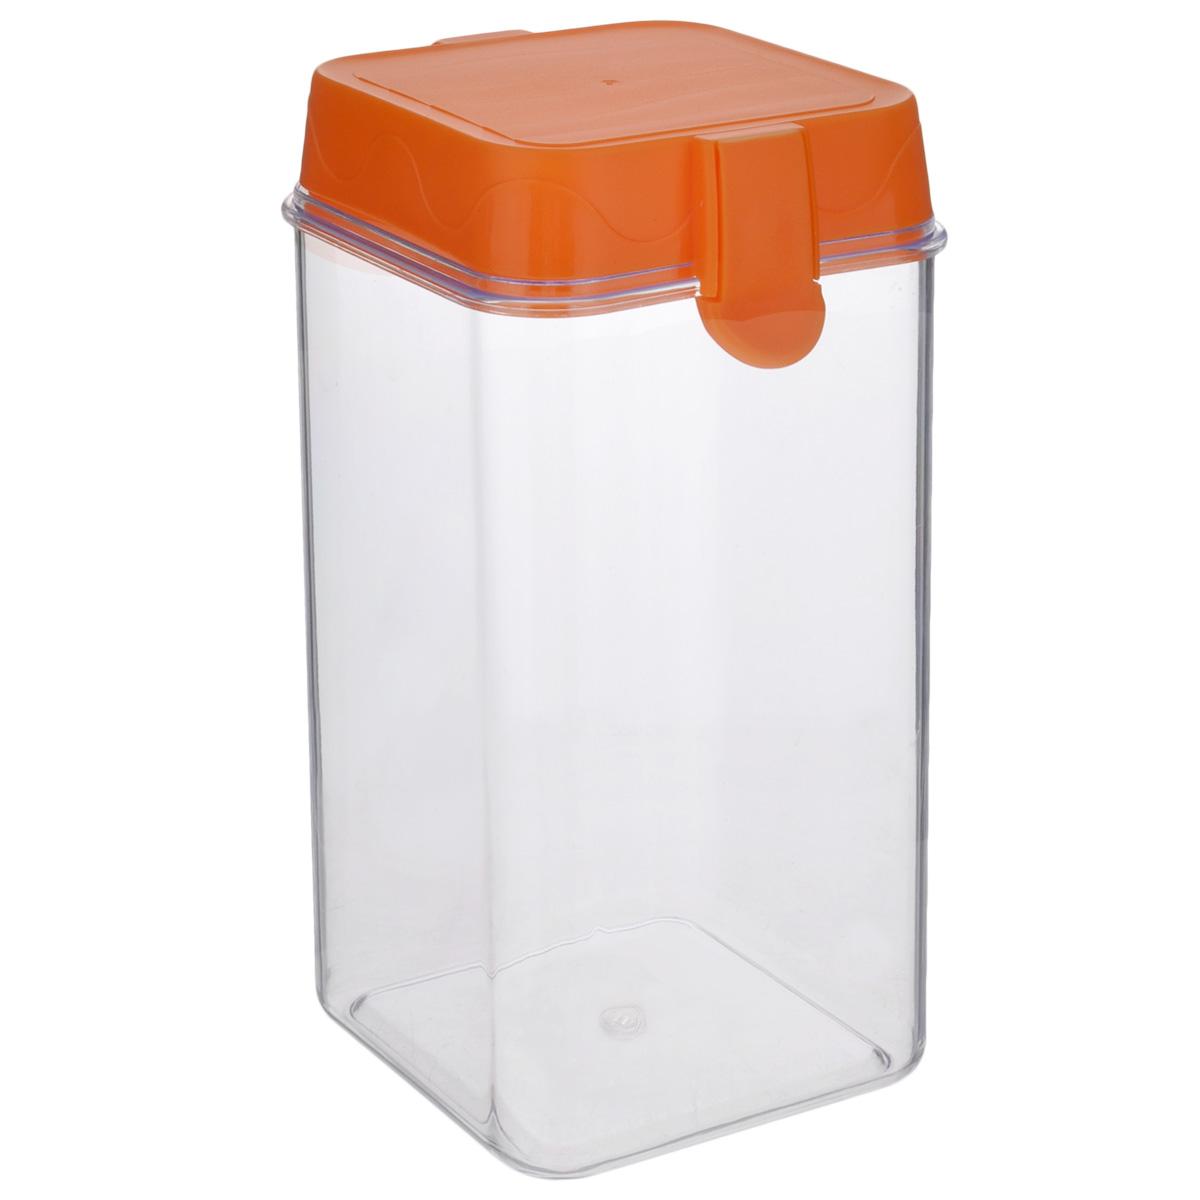 Банка для сыпучих продуктов Oriental Way, цвет: прозрачный, оранжевый, 1,4 л7821_оранжевыйБанка для сыпучих продуктов Oriental way, изготовленная из высококачественного пластика, станет незаменимым помощником на любой кухне. В ней будет удобно хранить сыпучие продукты, такие как чай, кофе, соль, сахар, крупы, макароны и прочее. Емкость плотно закрывается пластиковой крышкой с помощью двух защелок (клипс). Яркий дизайн банки позволит украсить любую кухню, внеся разнообразие, как в строгий классический стиль, так и в современный кухонный интерьер. Объем: 1,4 л. Размер (по верхнему краю): 10,5 см. Высота банки (без учета крышки): 18 см.